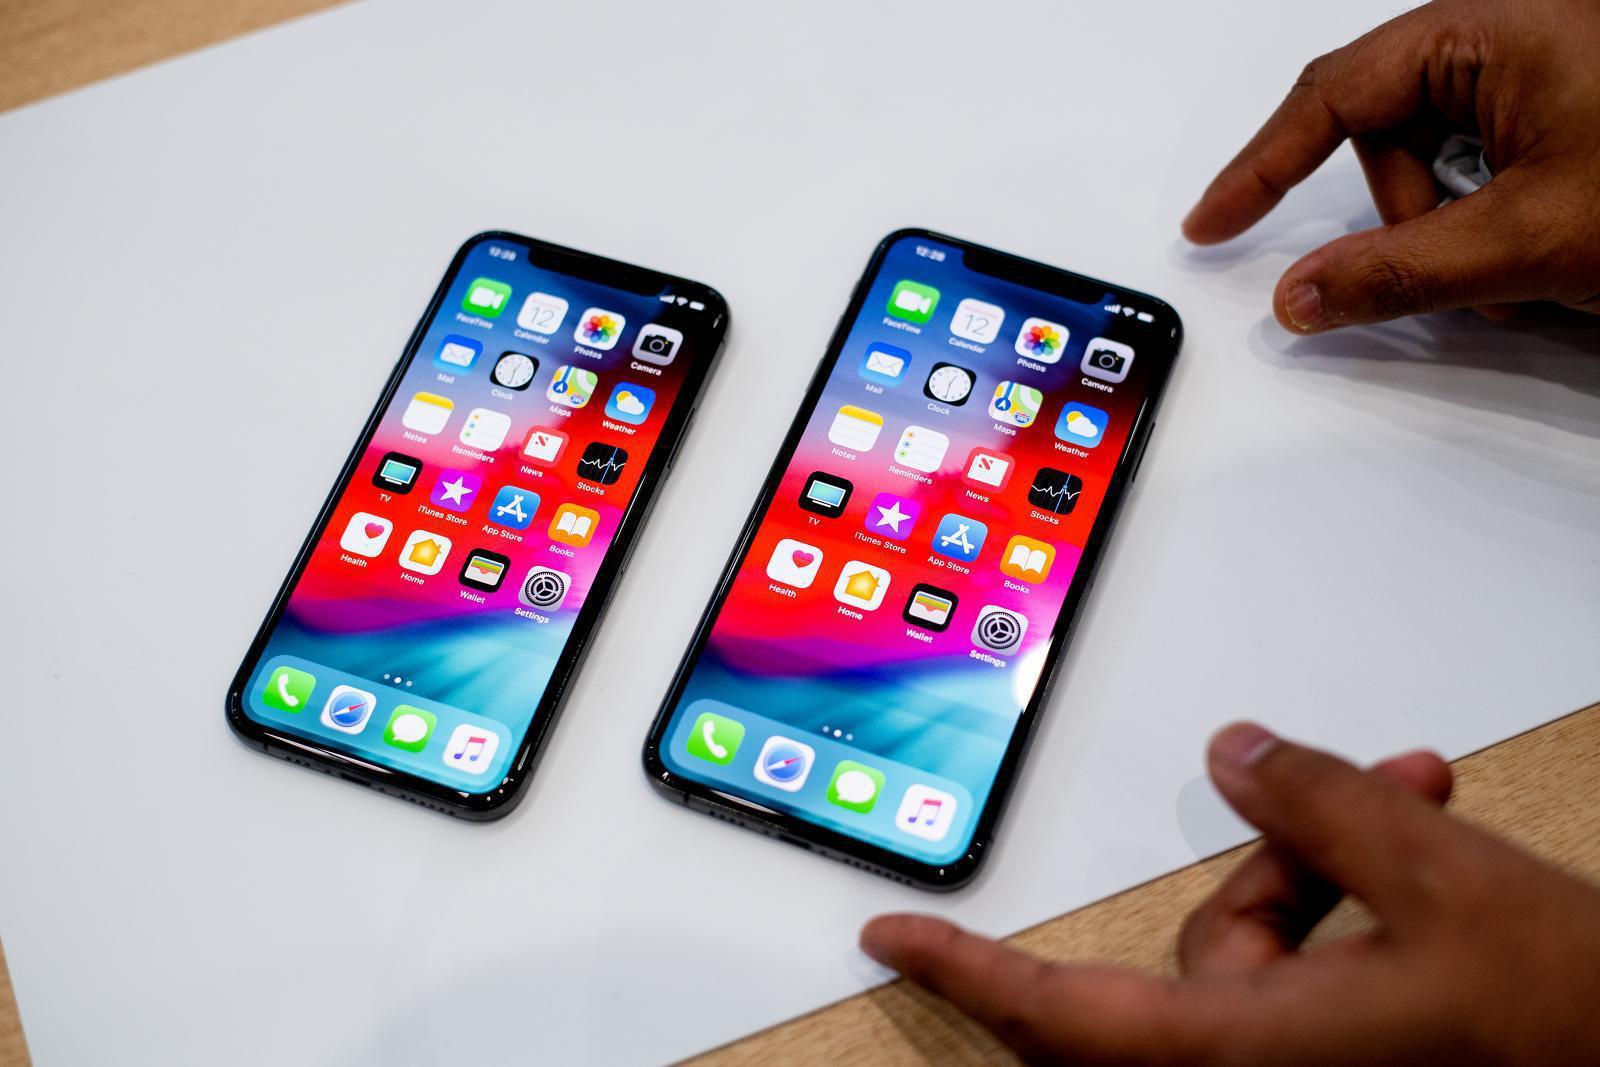 """""""แอปเปิ้ล"""" ยุติรายงานยอดขาย """"ไอโฟน"""" ปีหน้า เหตุไม่สะท้อนจุดแข็งบริษัท"""